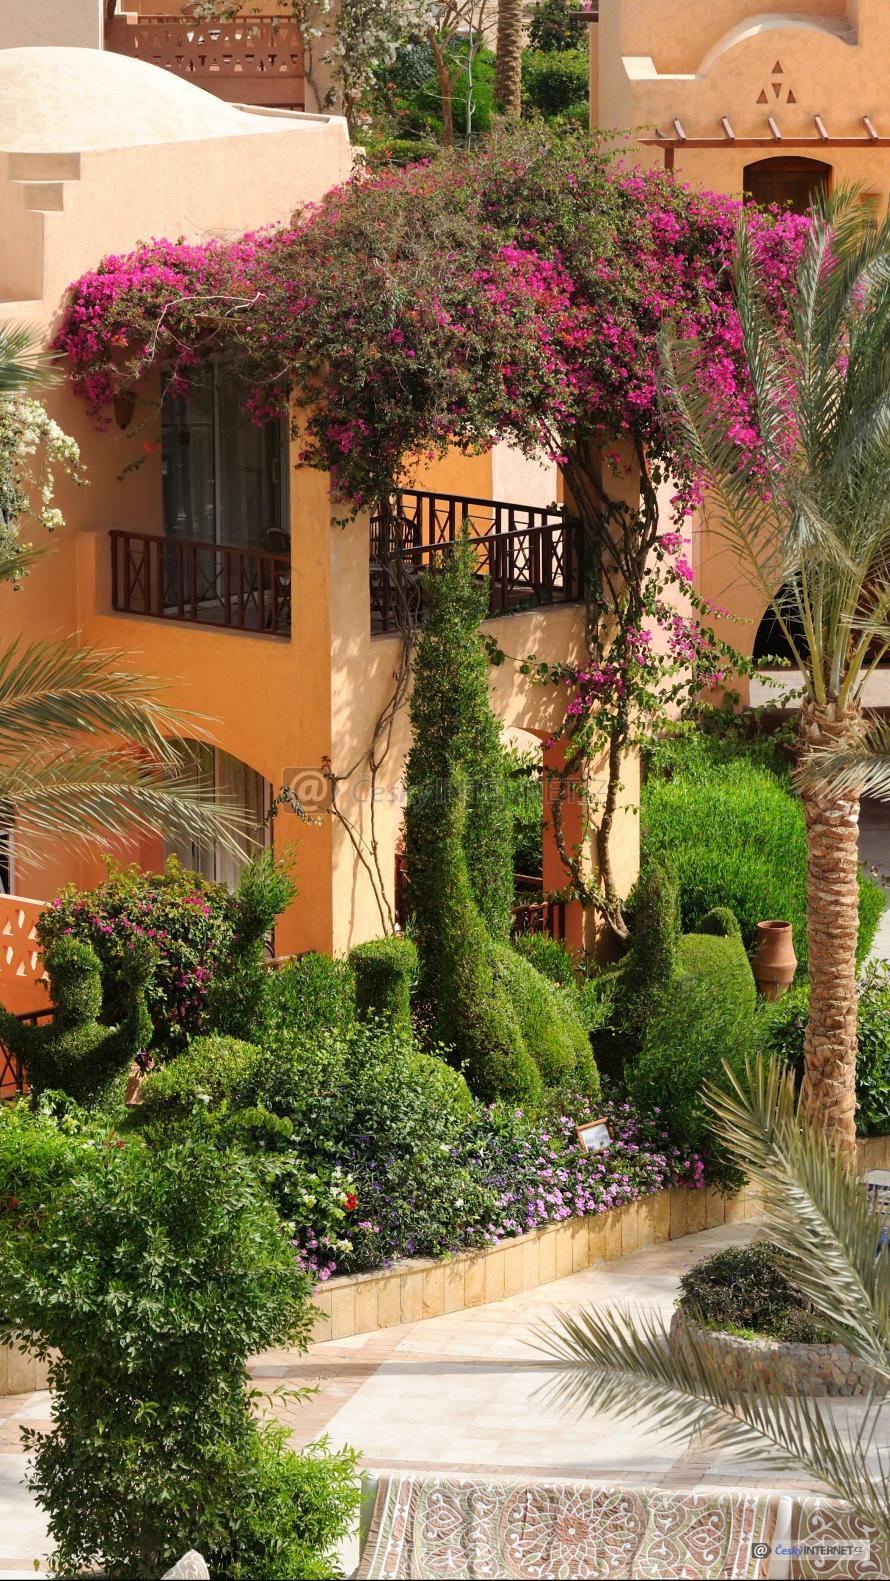 Exotický rodinný dům s okrasnou zahradou.